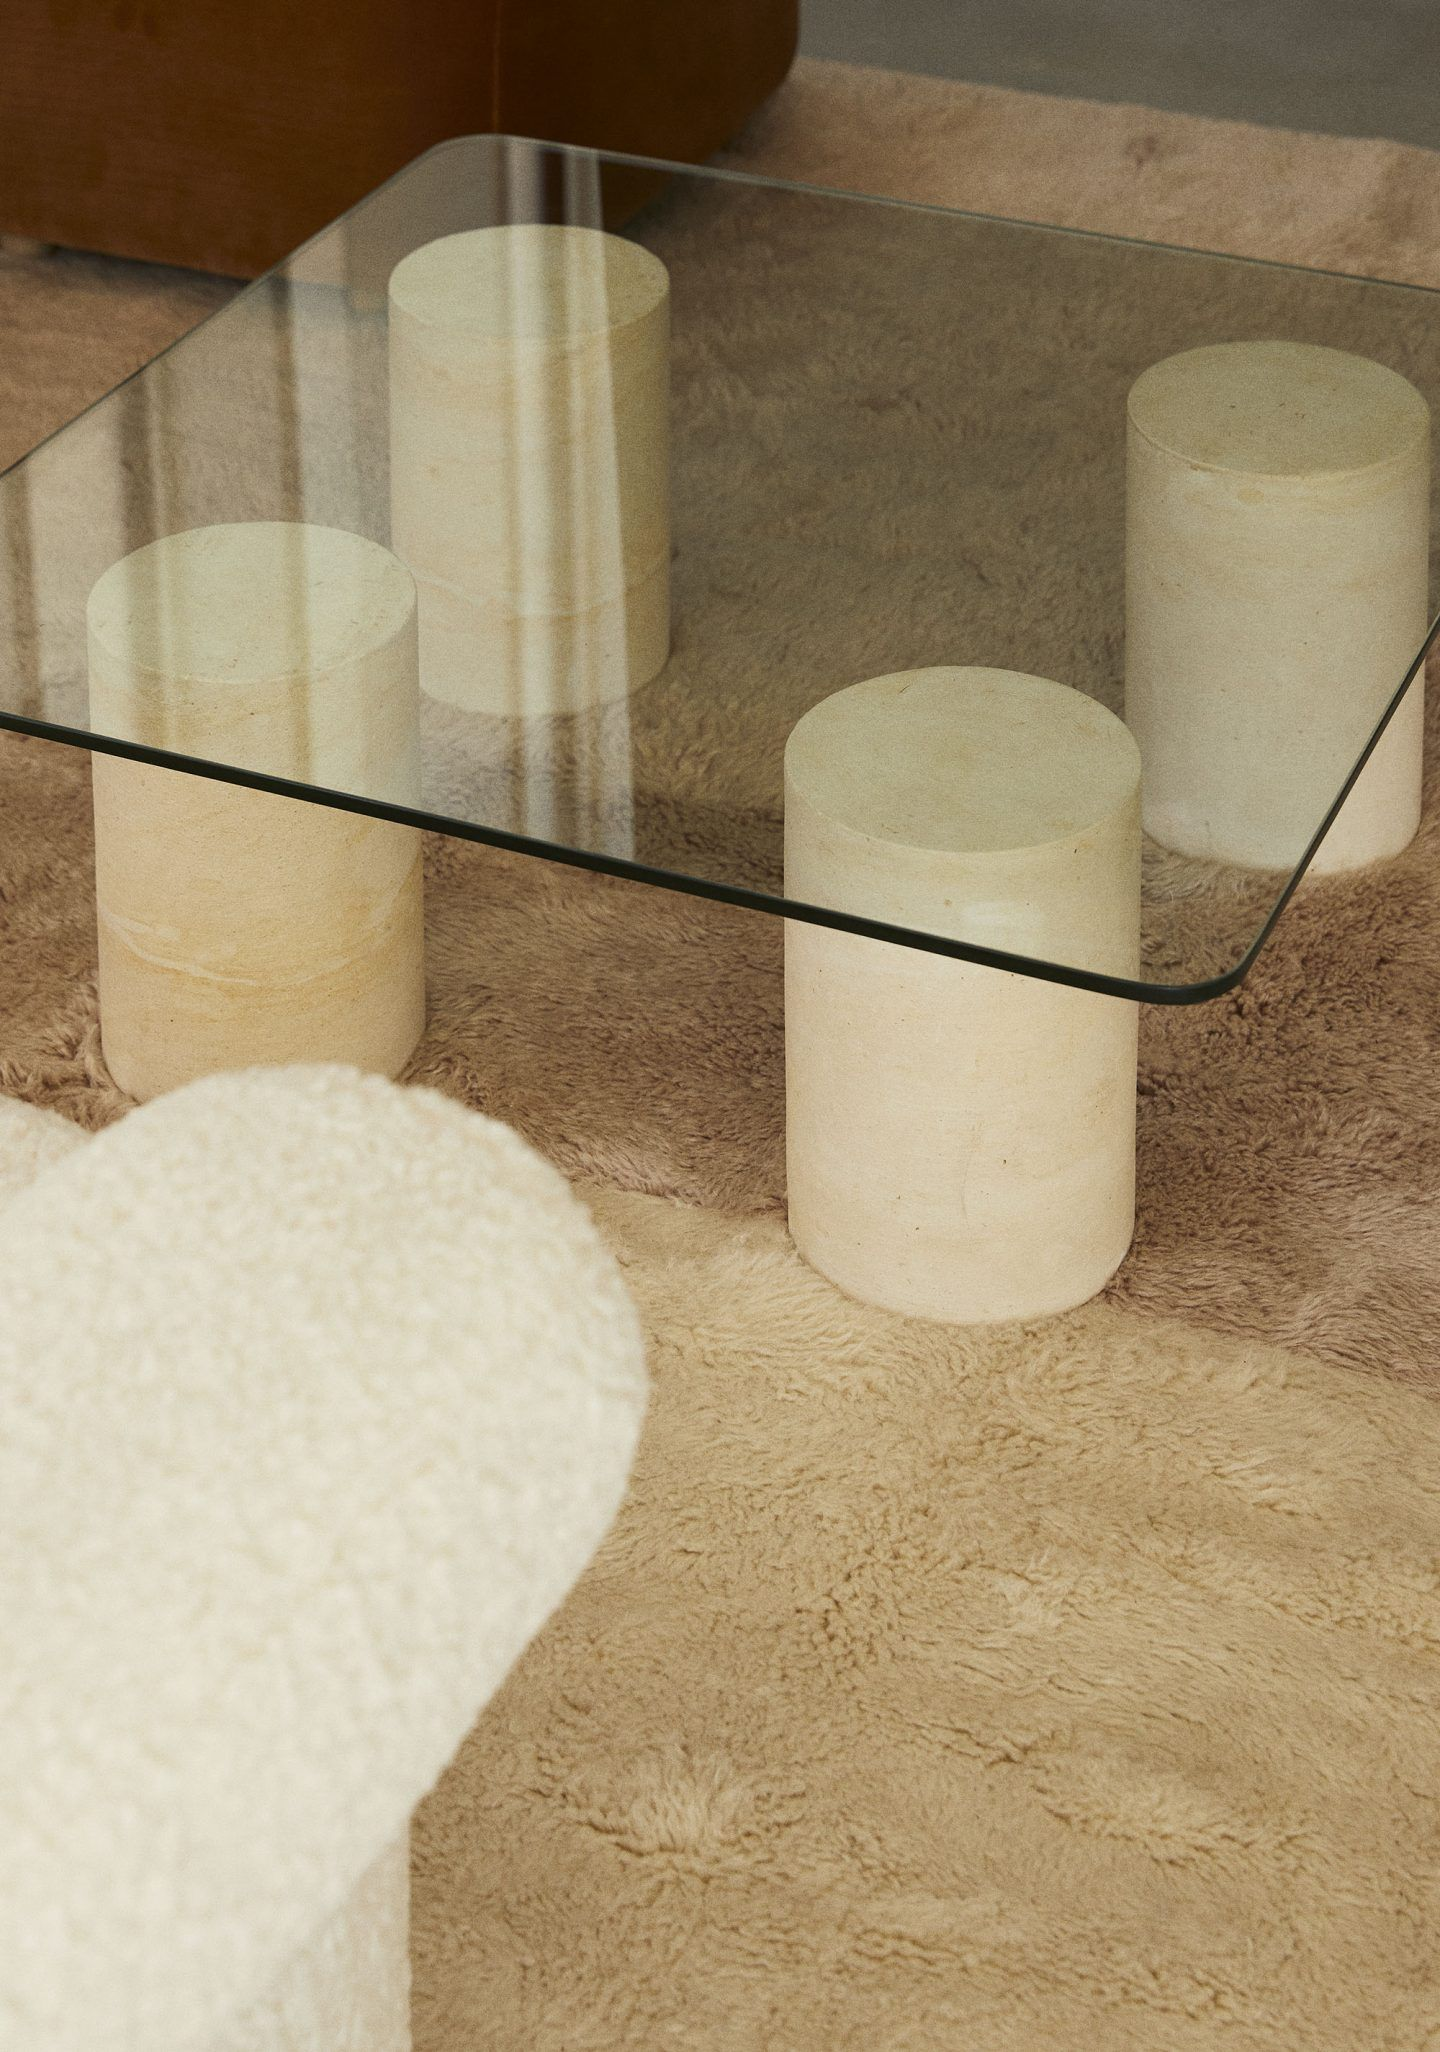 IGNANT-Design-Sarah-Ellison-Sol-05